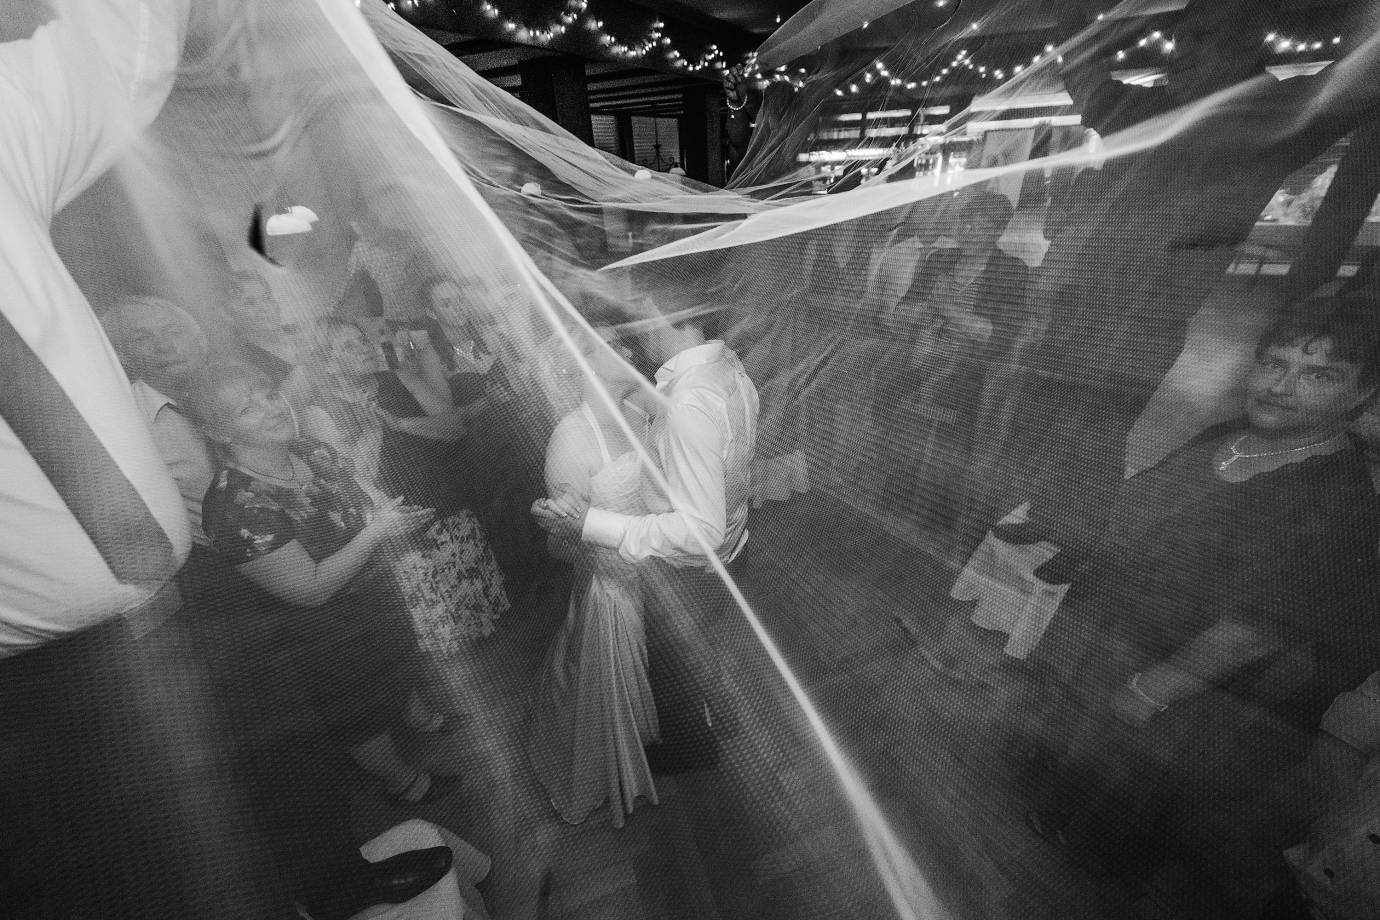 hochzeitsfotograf hambergen 234 - Iris+Sascha